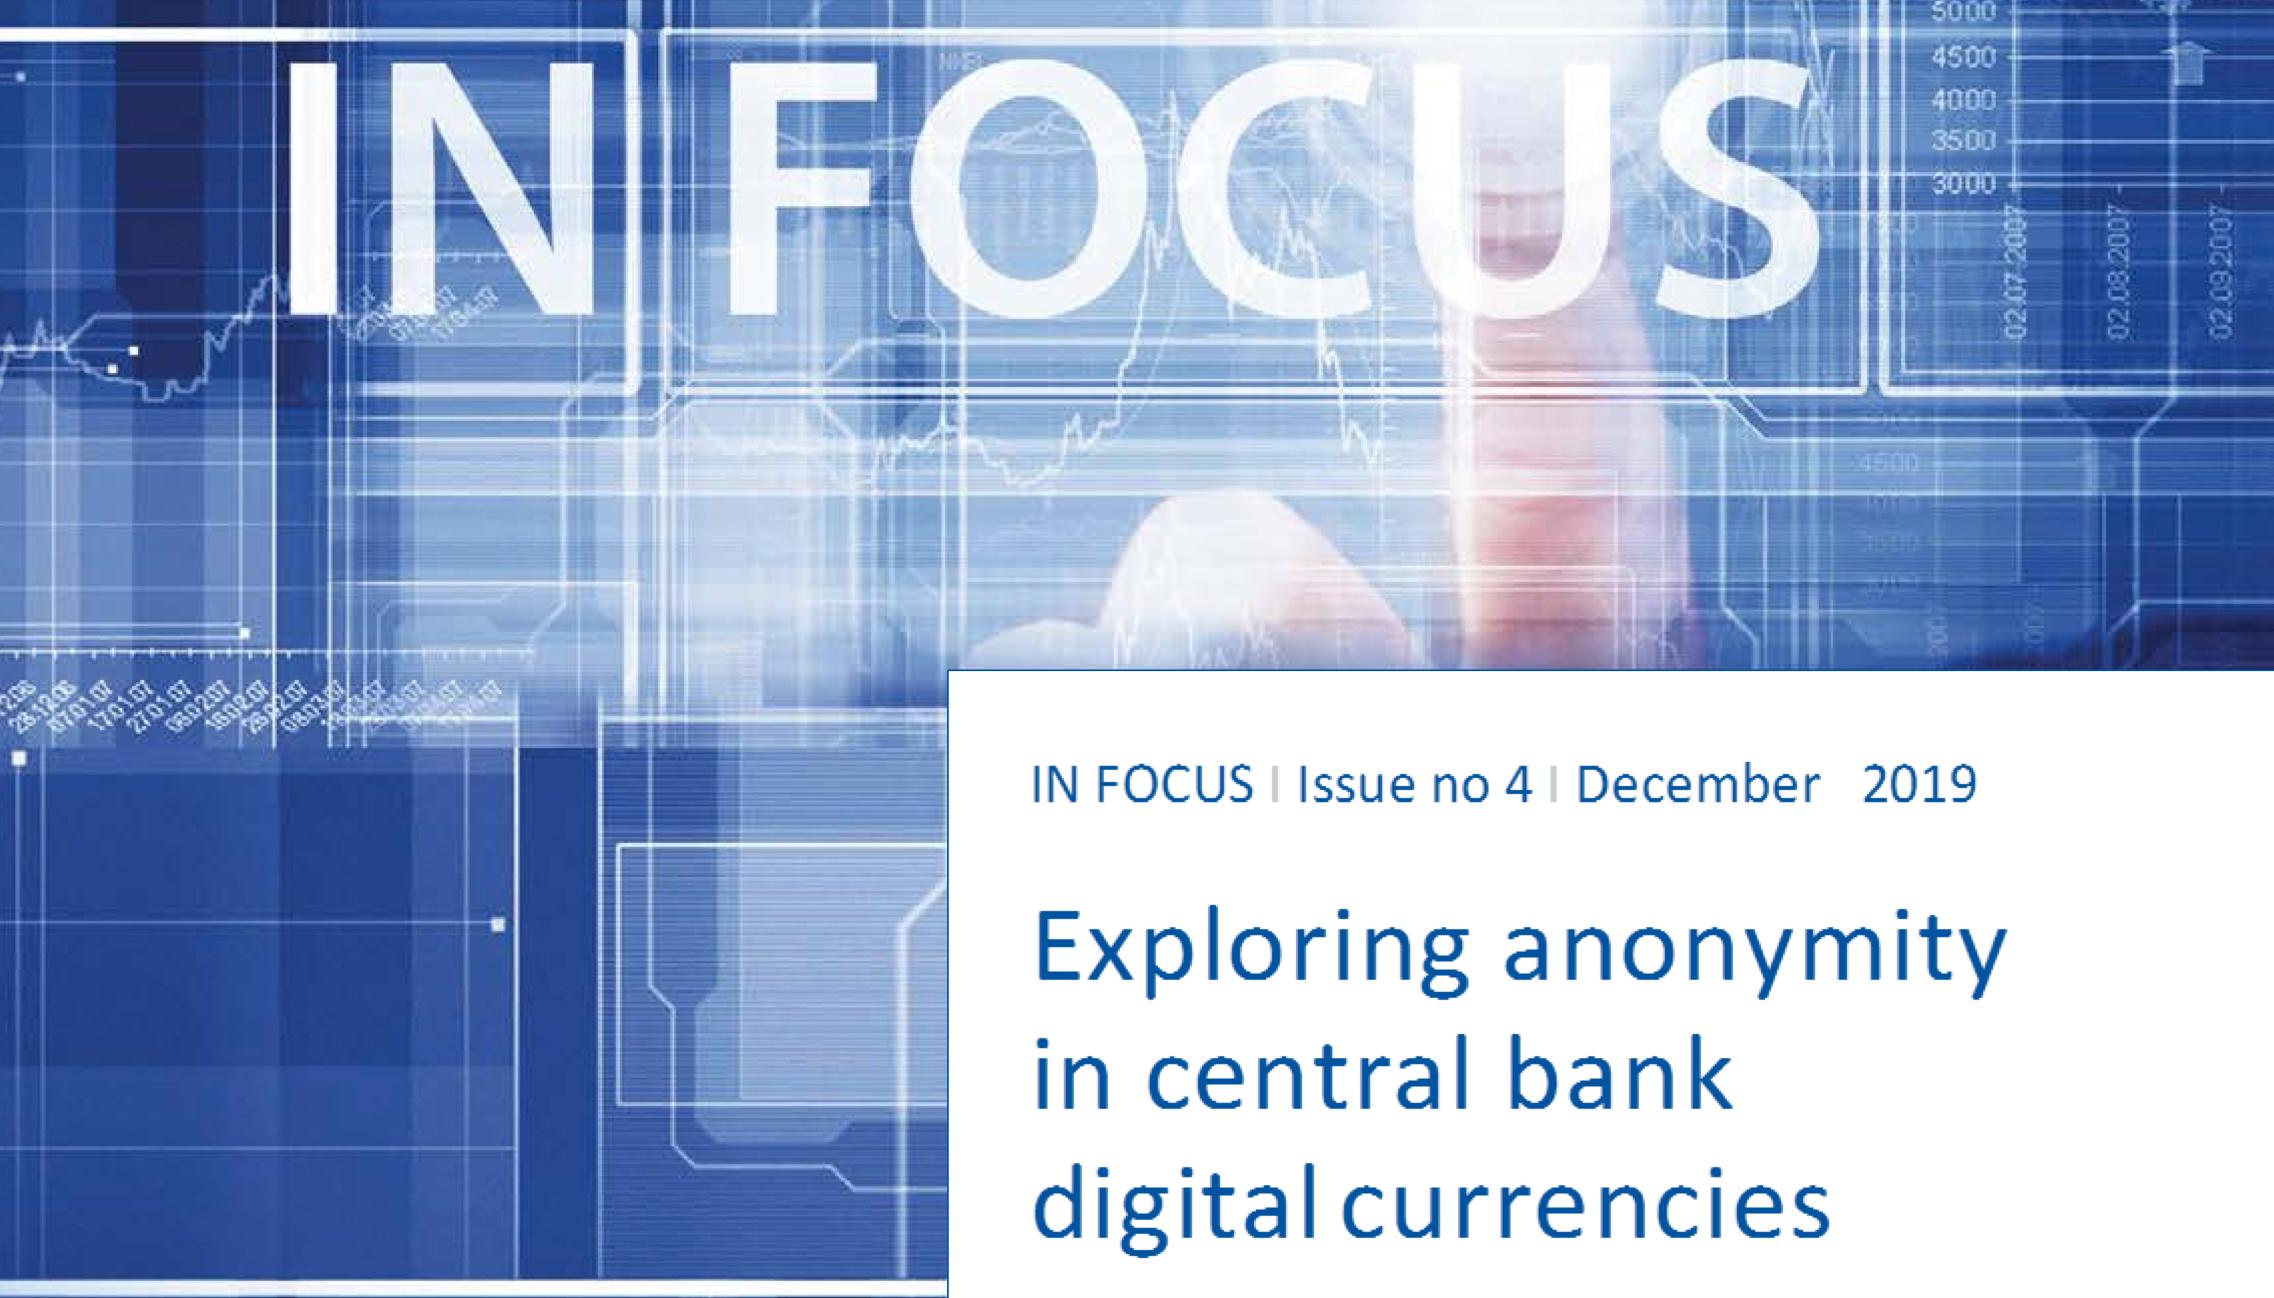 Eurochain, czyli waluta cyfrowa Europejskiego Banku Centralnego. Jakie wnioski z najnowszego Proof of Concept?